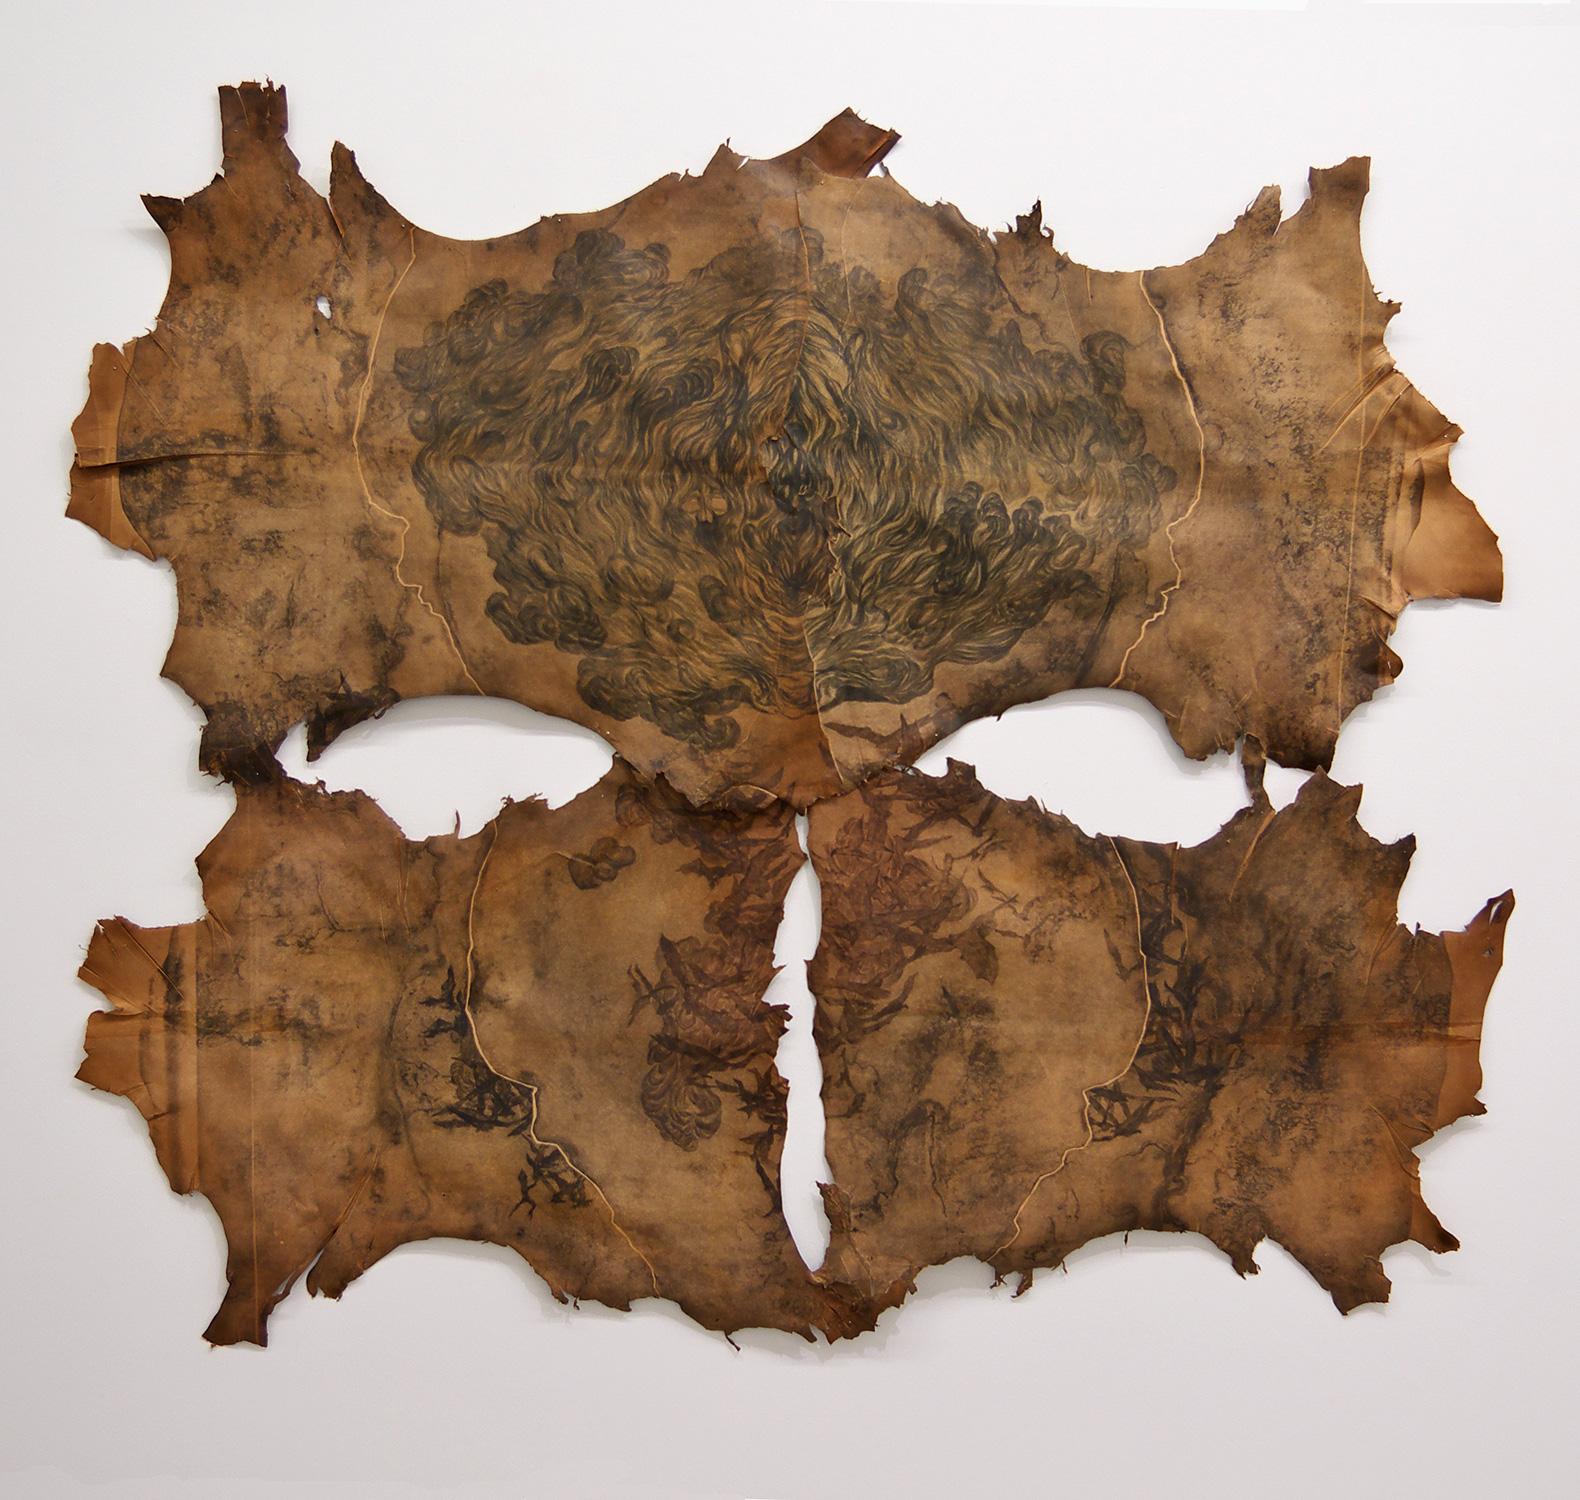 <i>évaporation nocturne</i>, 2011 - pointe sèche, ensemble de 6 plaques imprimées sur 4 peaux de chèvre assemblées, 130x150cm, épreuve unique